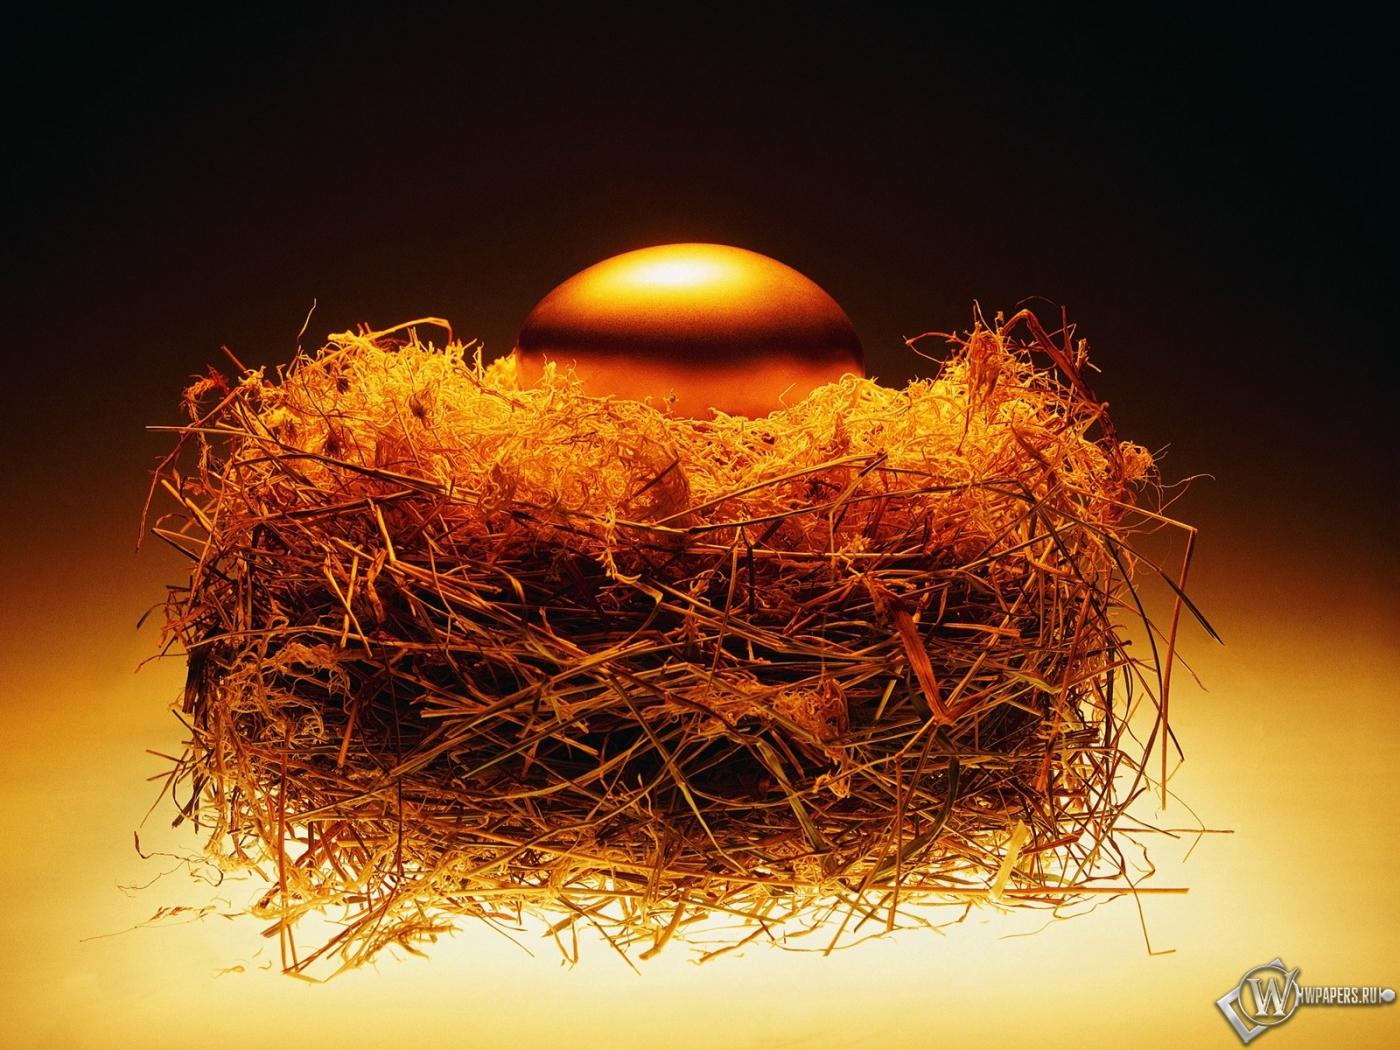 Золотое яйцо в гнезде 1400x1050